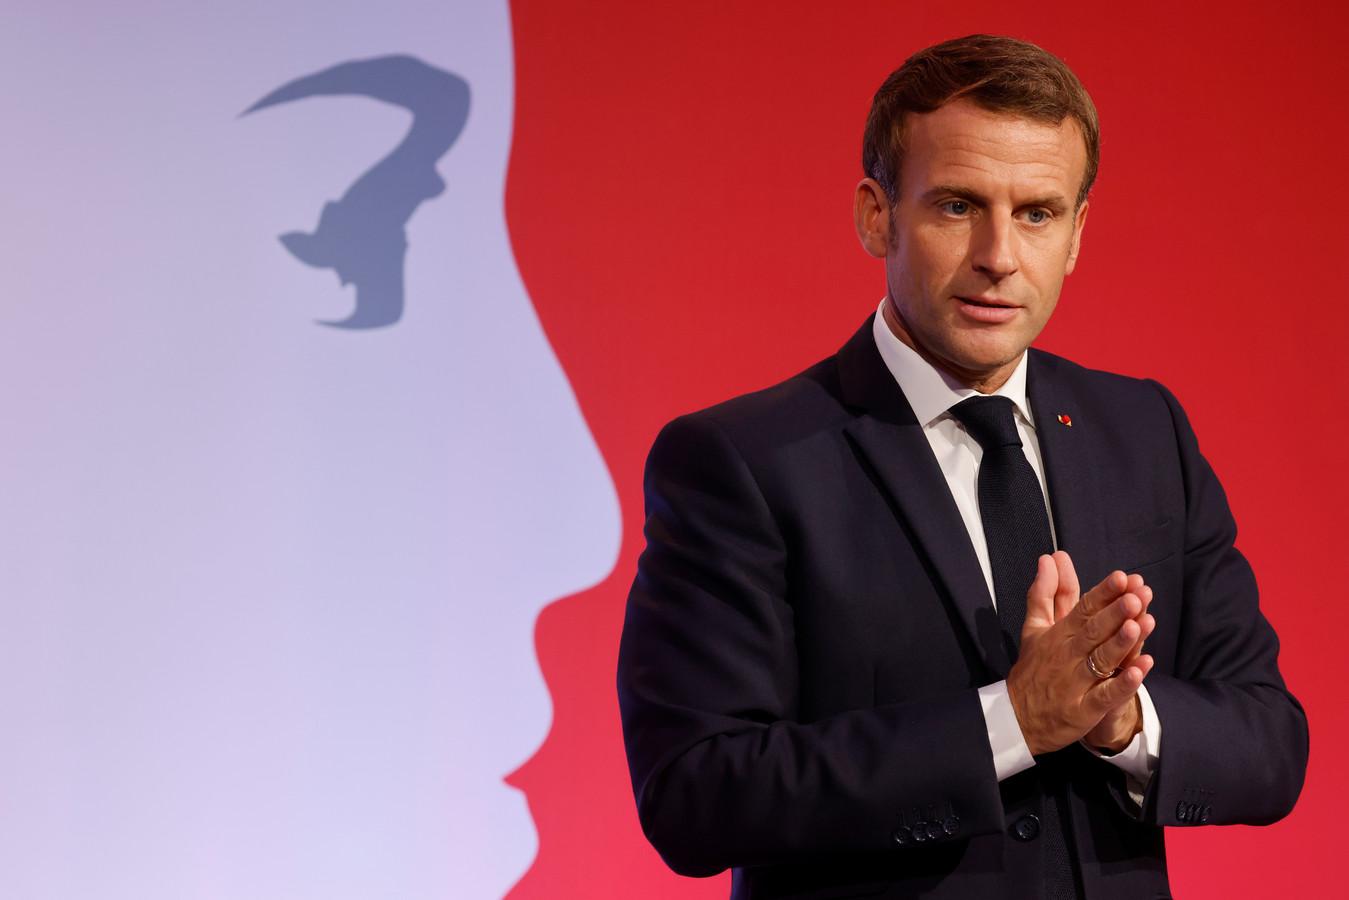 """Le président français Emmanuel Macron présente sa stratégie pour lutter contre le """"séparatisme"""", le 2 octobre 2020."""